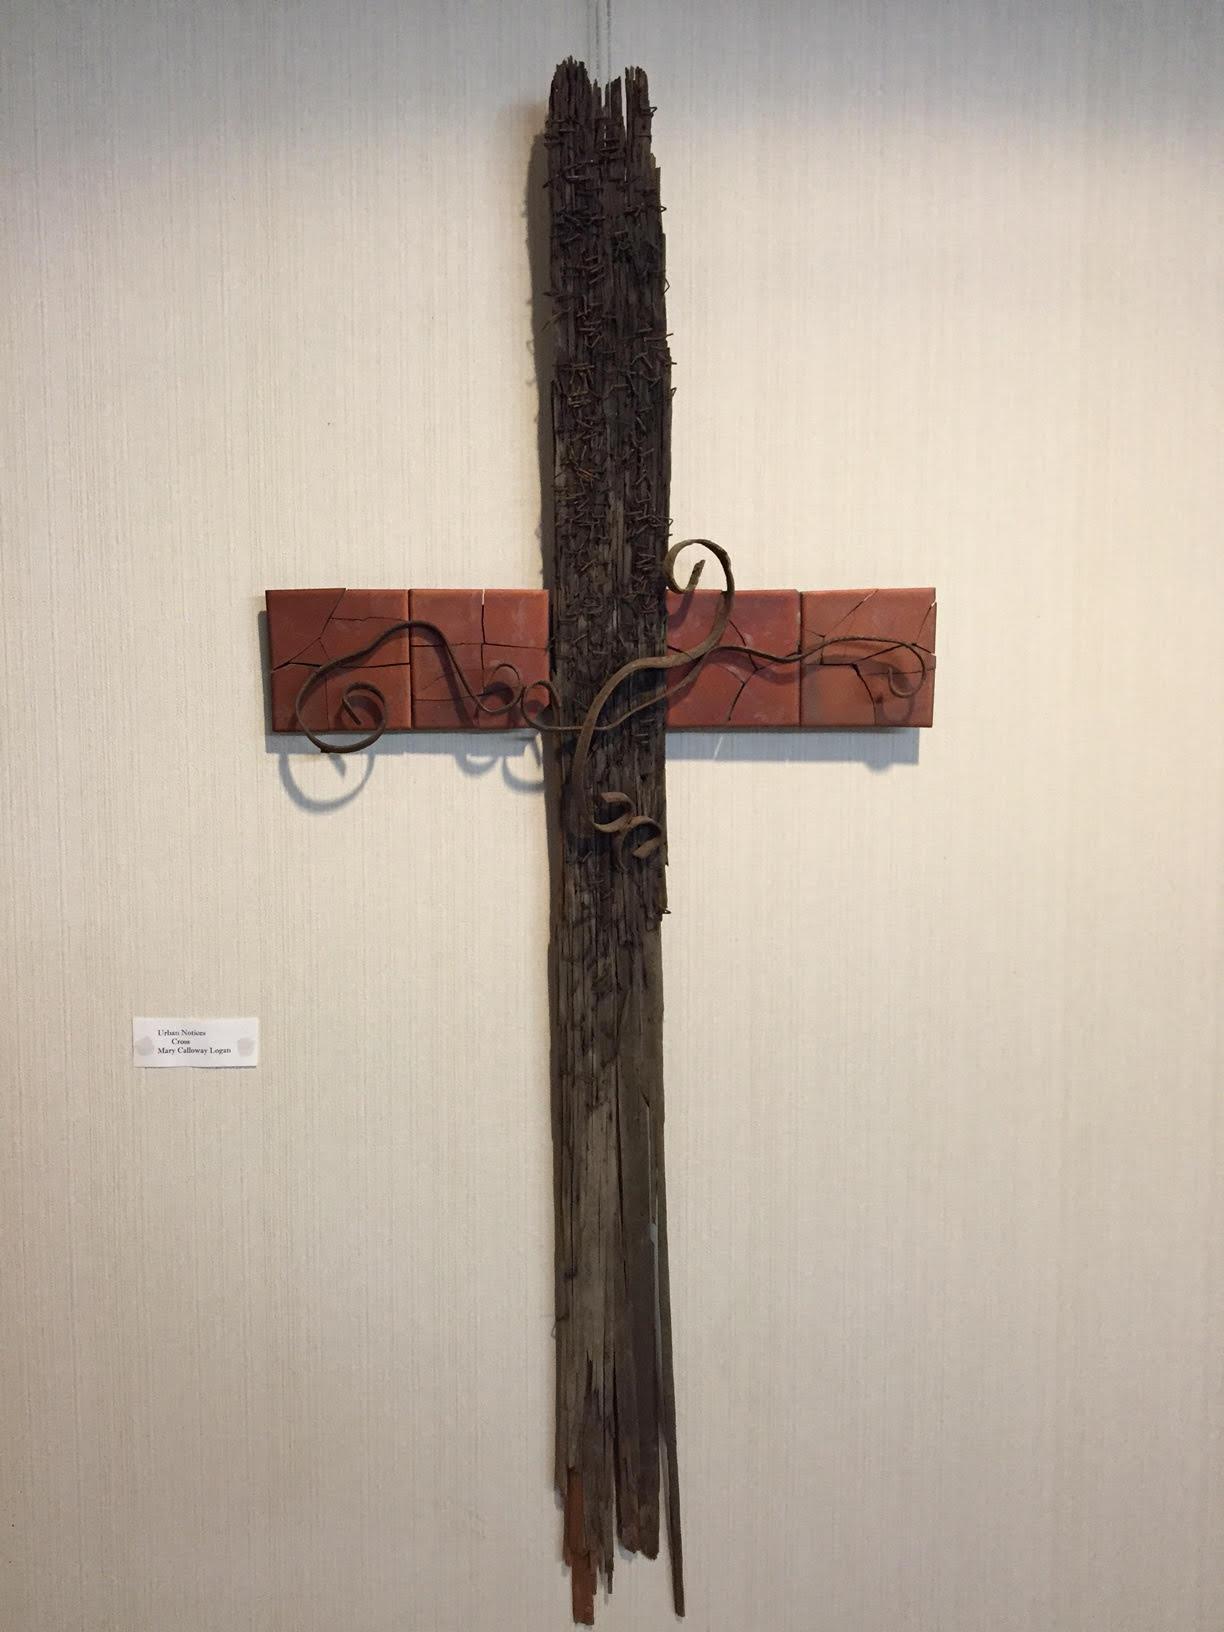 Cross at Columbia Theological Seminary